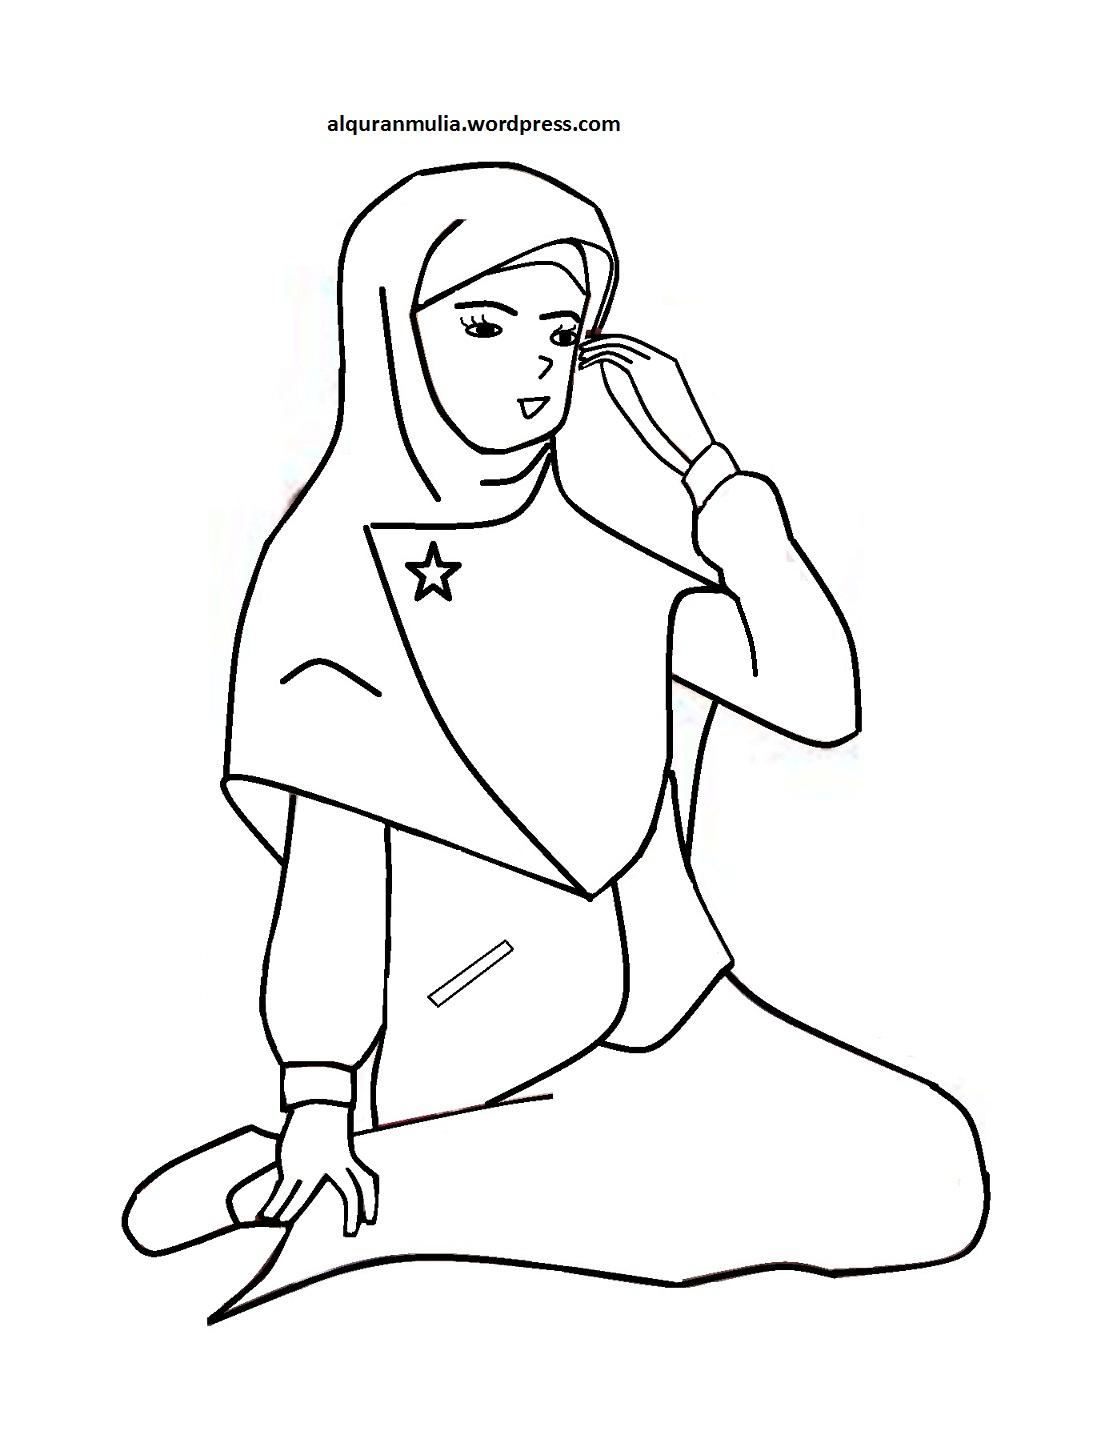 Mewarnai Gambar Kartun Anak Muslimah 29 Alquranmulia